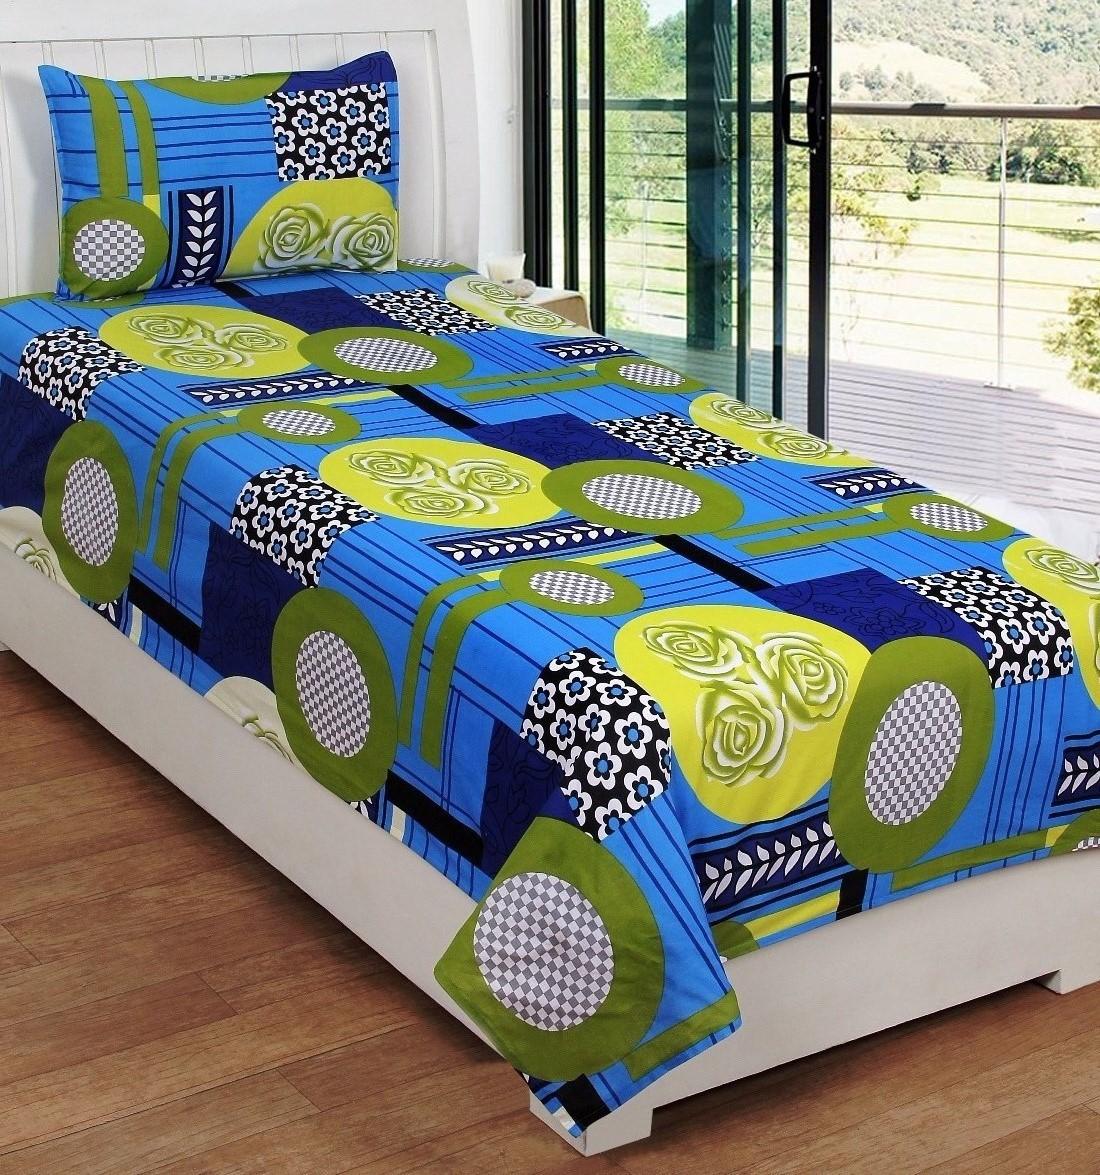 SYK Cotton Floral Single Bedsheet(1 Bedsheet & 1 Pillo cover, MULTICOLOUR)